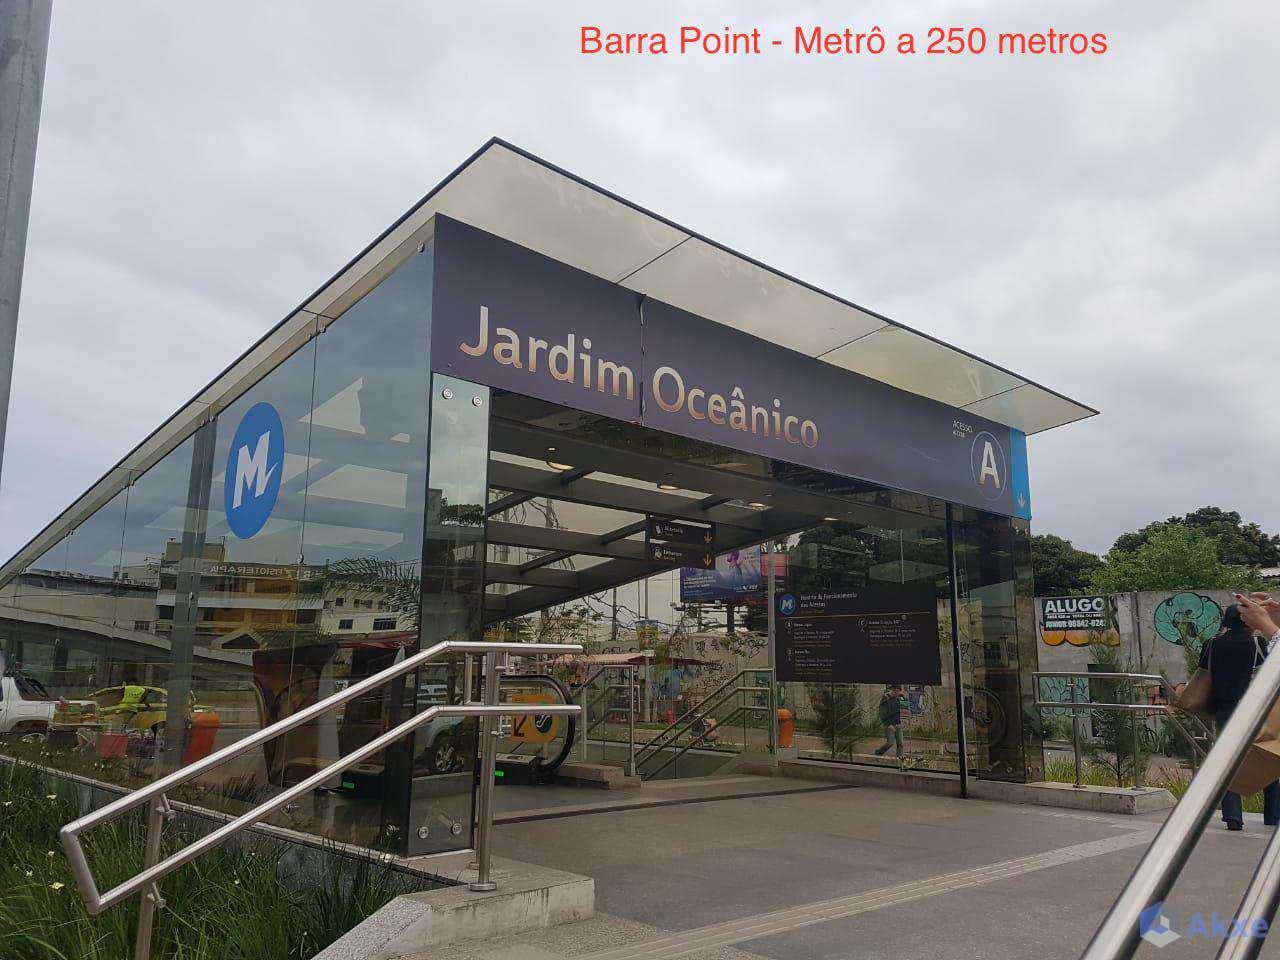 Barra_Point_Foto_Metrô(1)